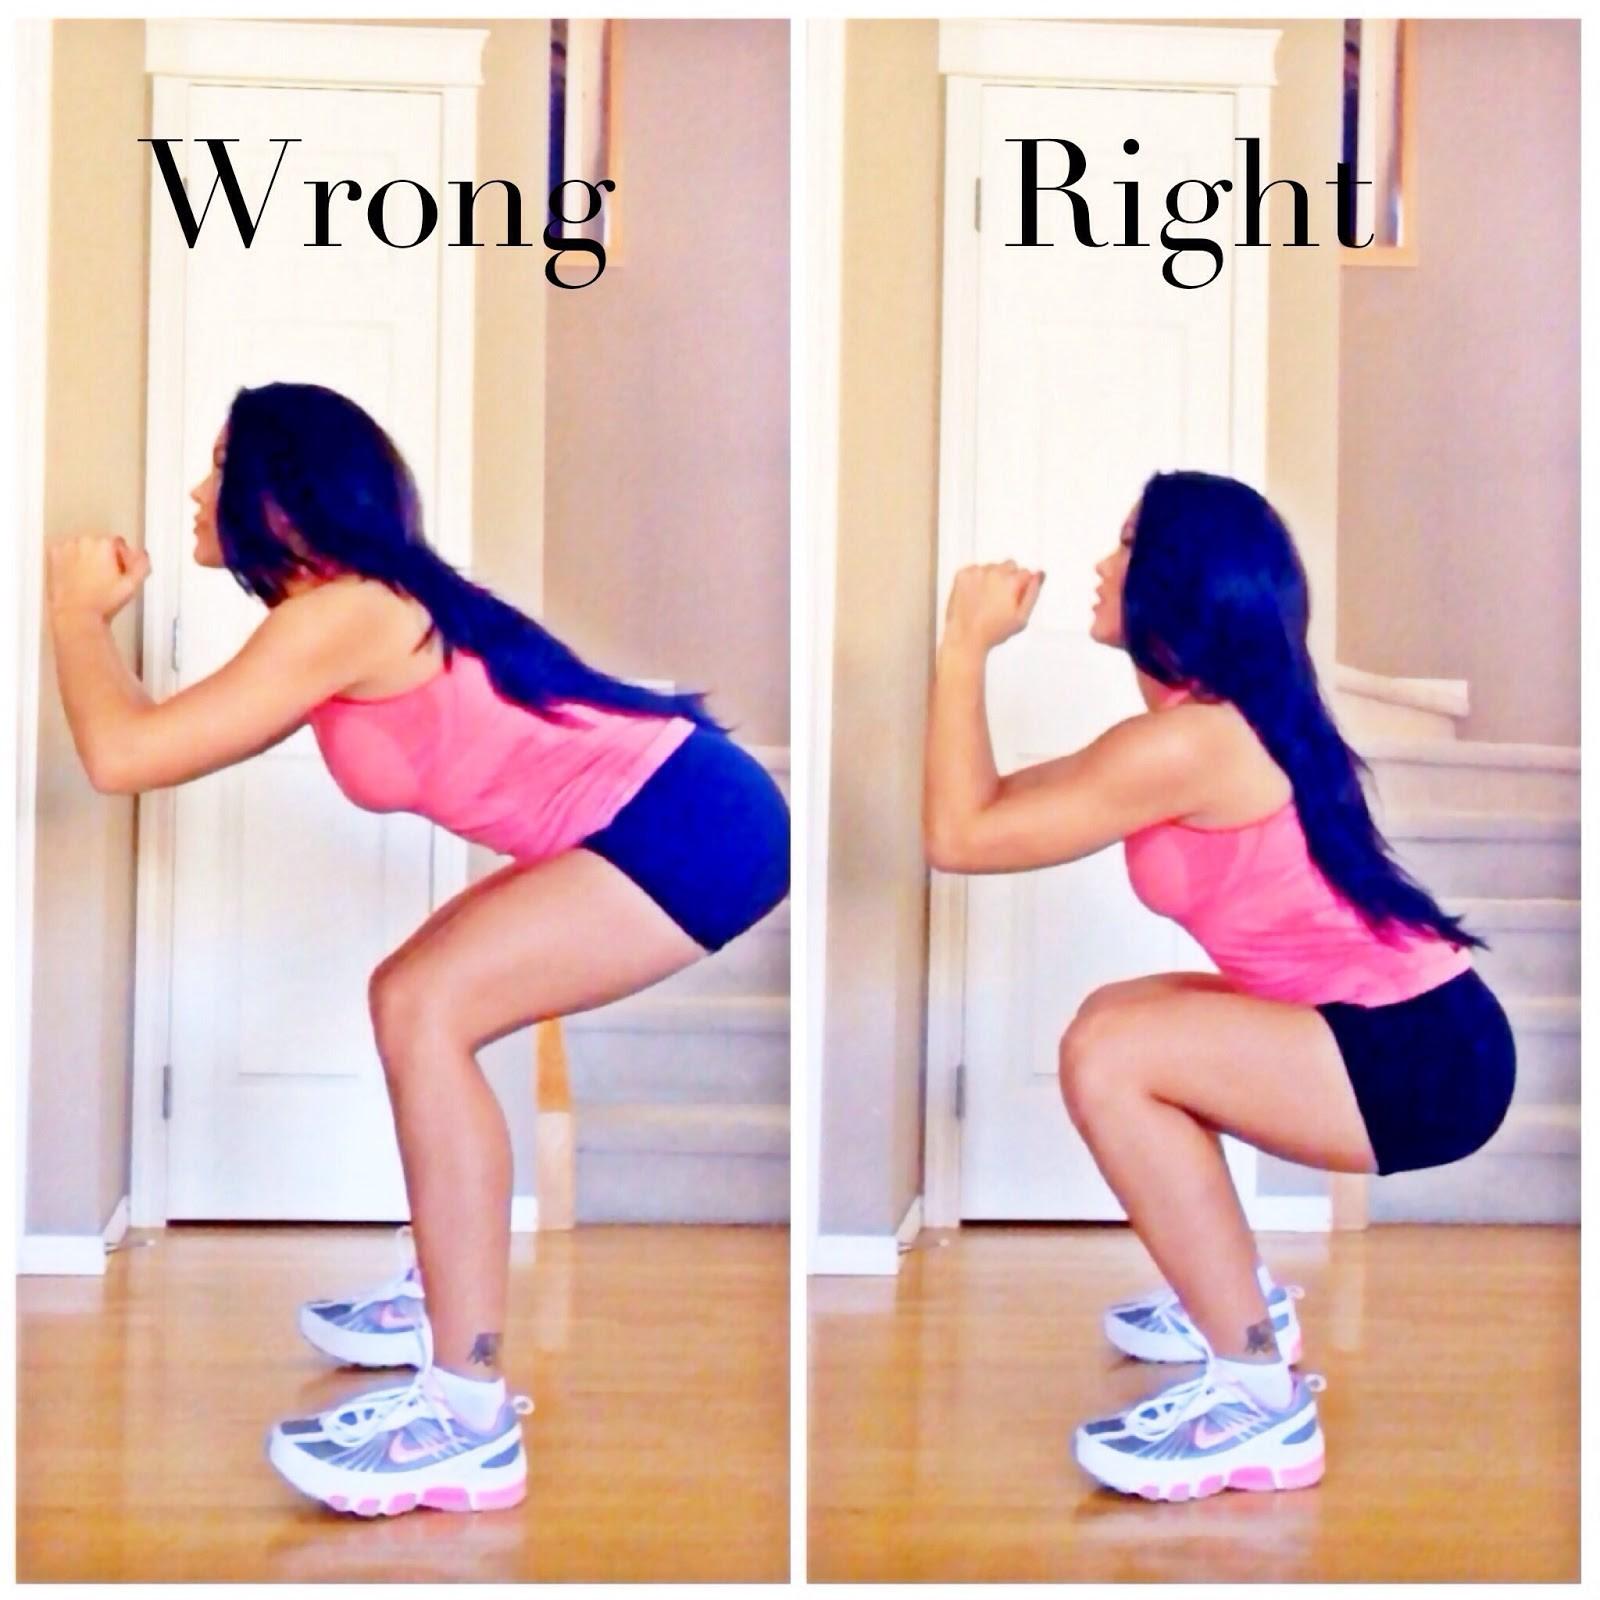 Tập squat đã lâu vẫn có thể sai: Huấn luyện viên chỉ ra những lỗi thường mắc phải - Ảnh 4